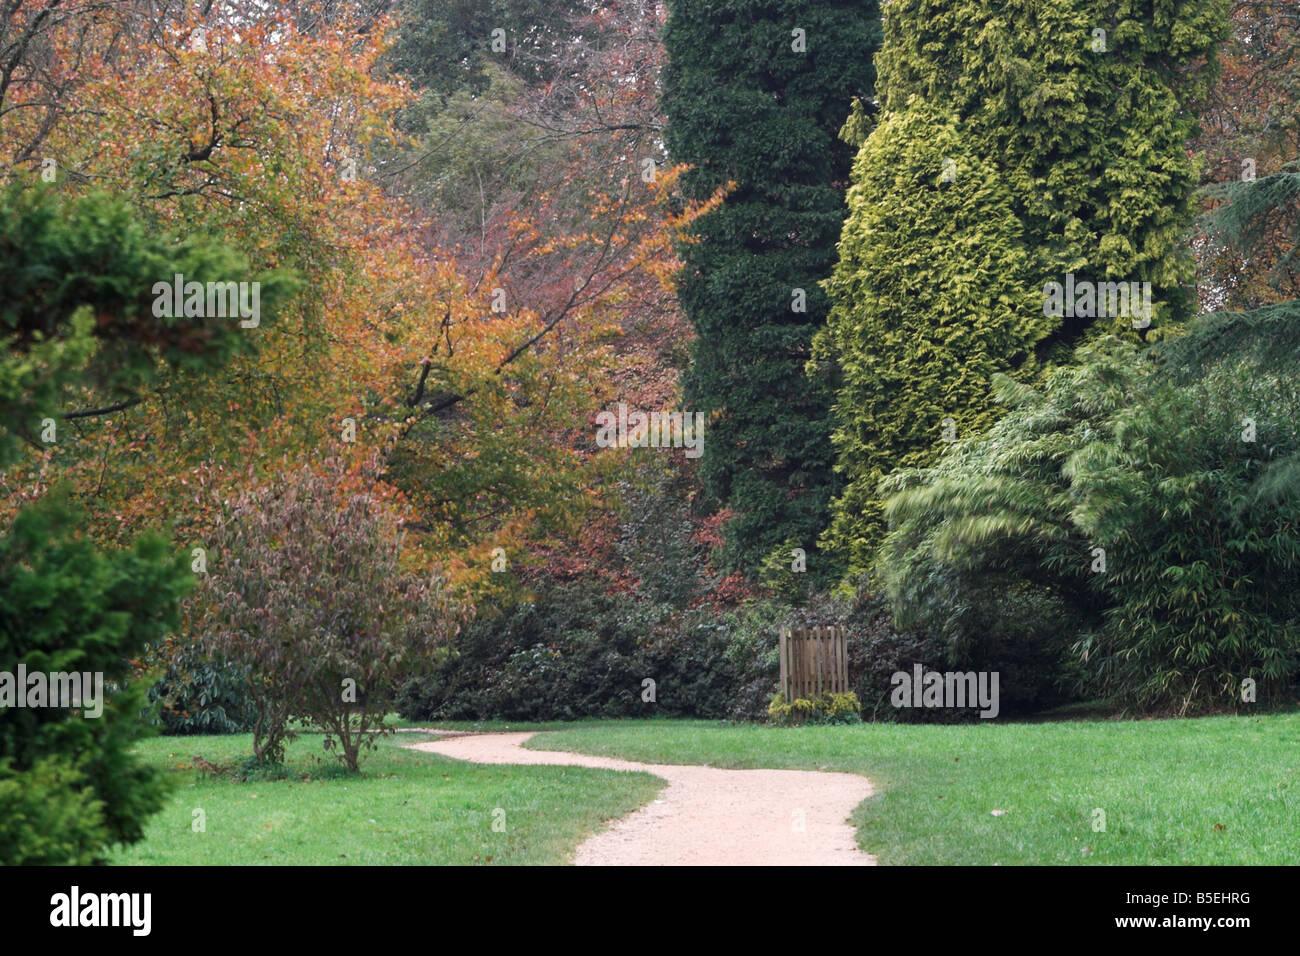 Percorso verso il cielo's Gate, Longleat Estate, Wiltshire Immagini Stock